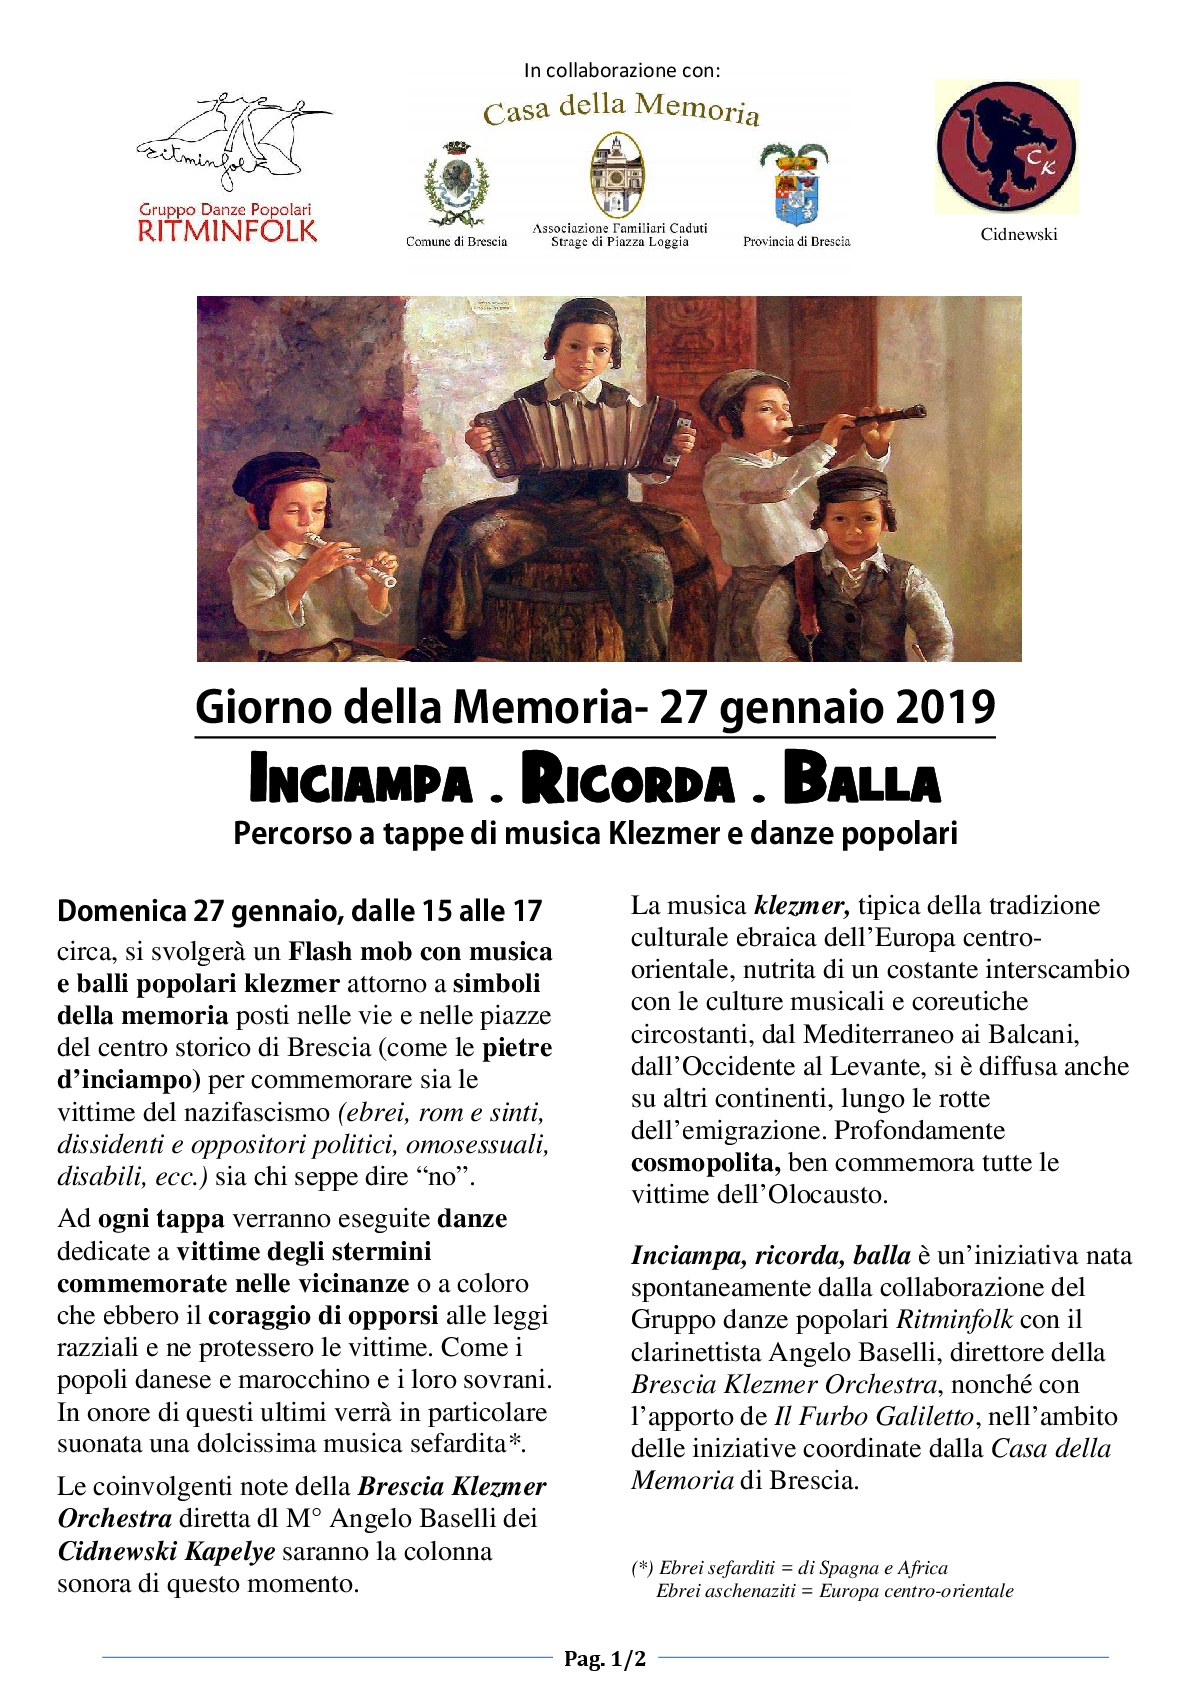 inciampa-ricorda-balla-27.1.19-001